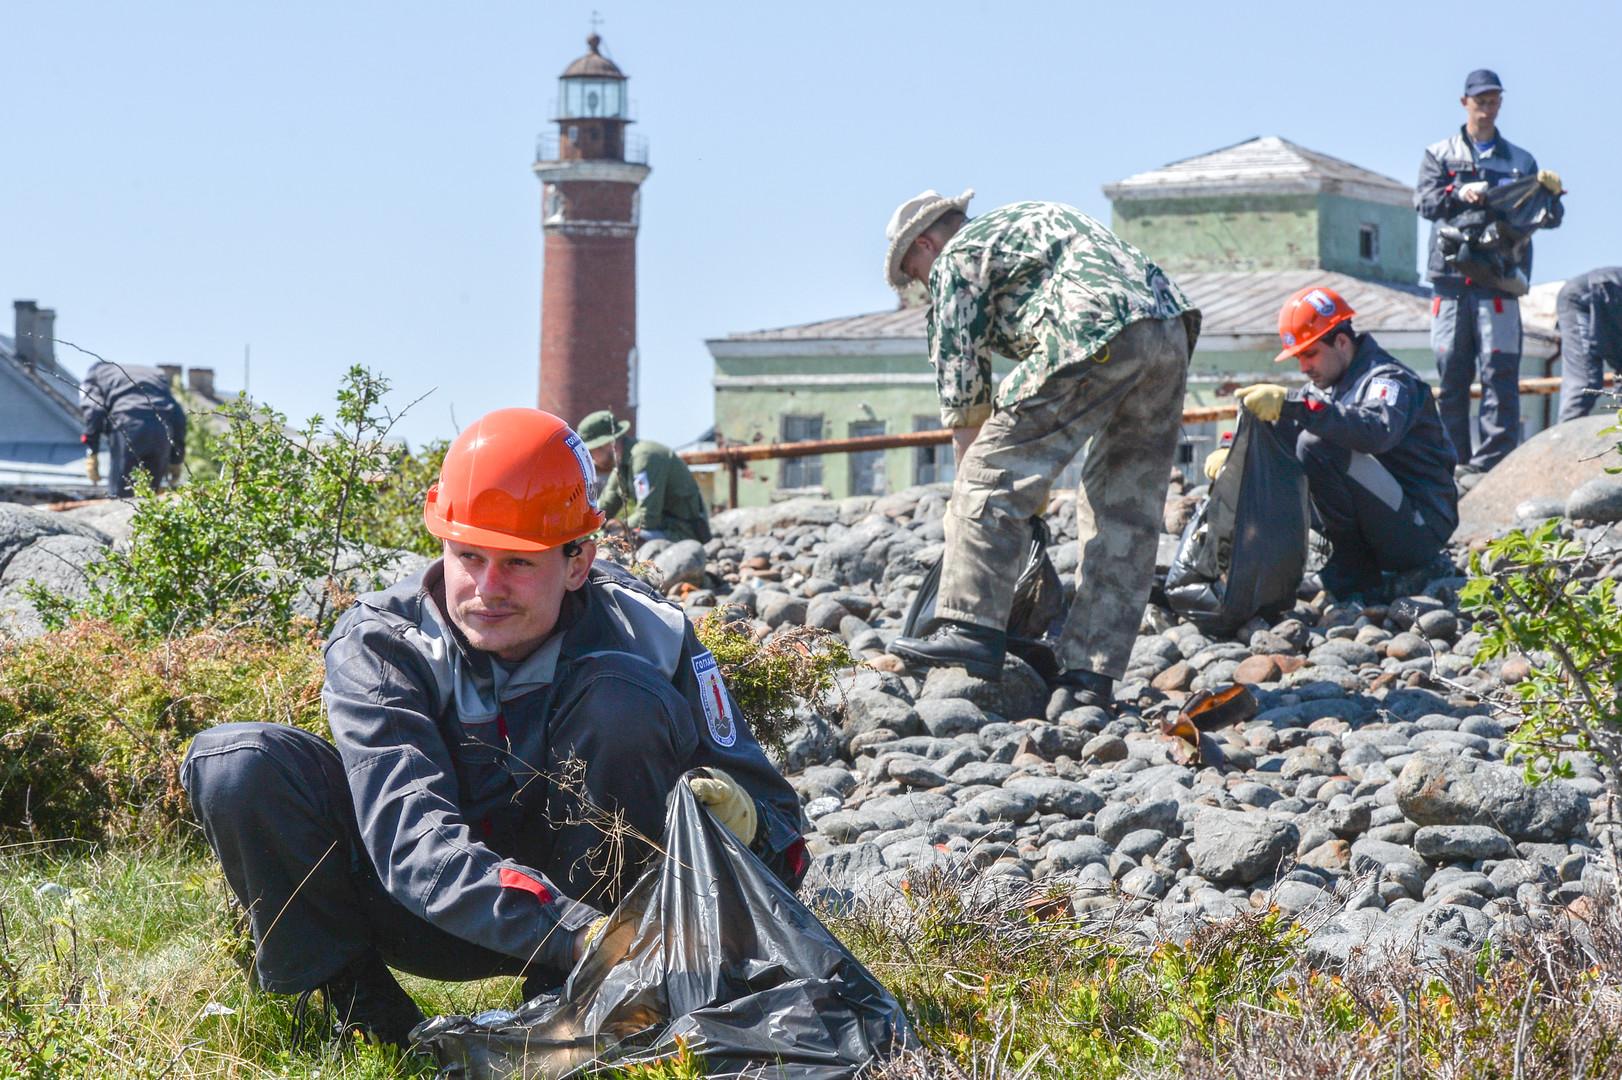 Участники экологической вахты ведут работы по очистке побережья от мусора около южного маяка во время комплексной экспедиции Русского географического общества «Гогланд» на острове Гогланд в Финском заливе.